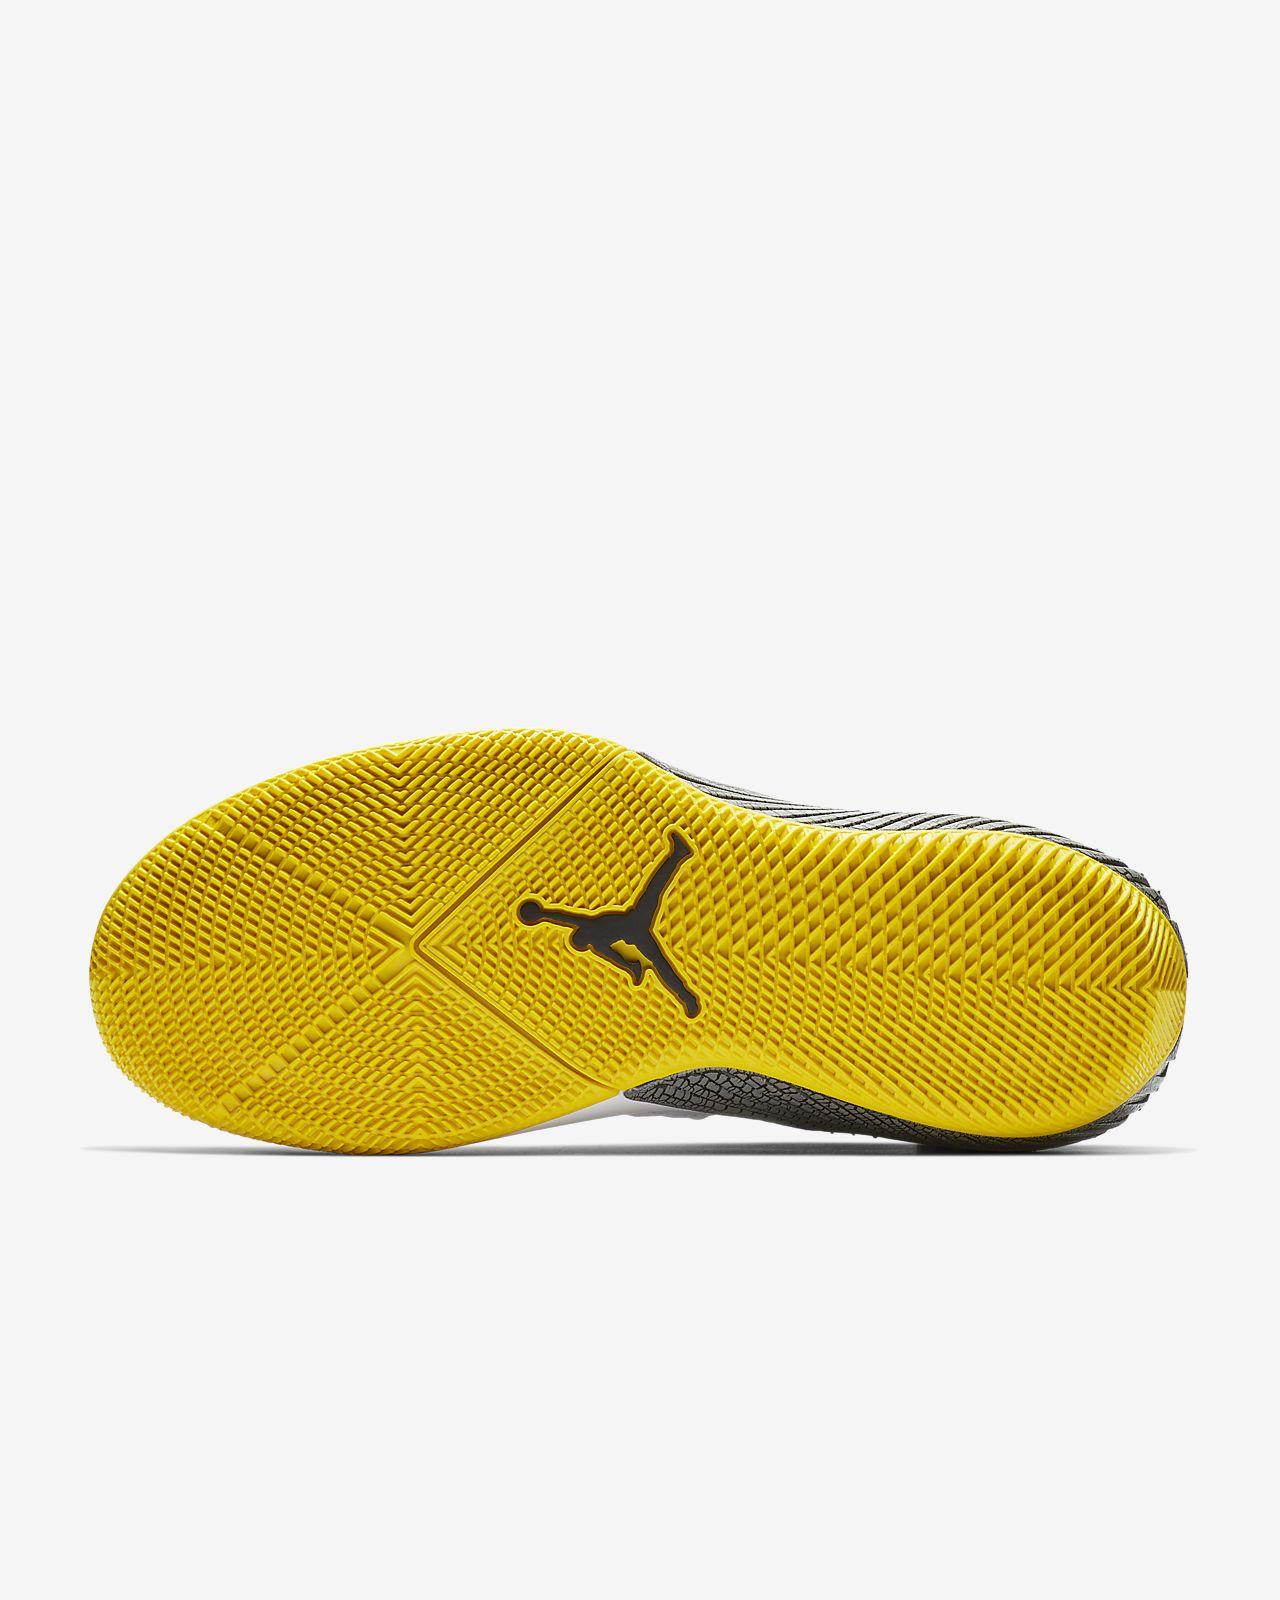 sale retailer a29d7 e5810 Zer0.1 CHAOS Men s Basketball Shoe